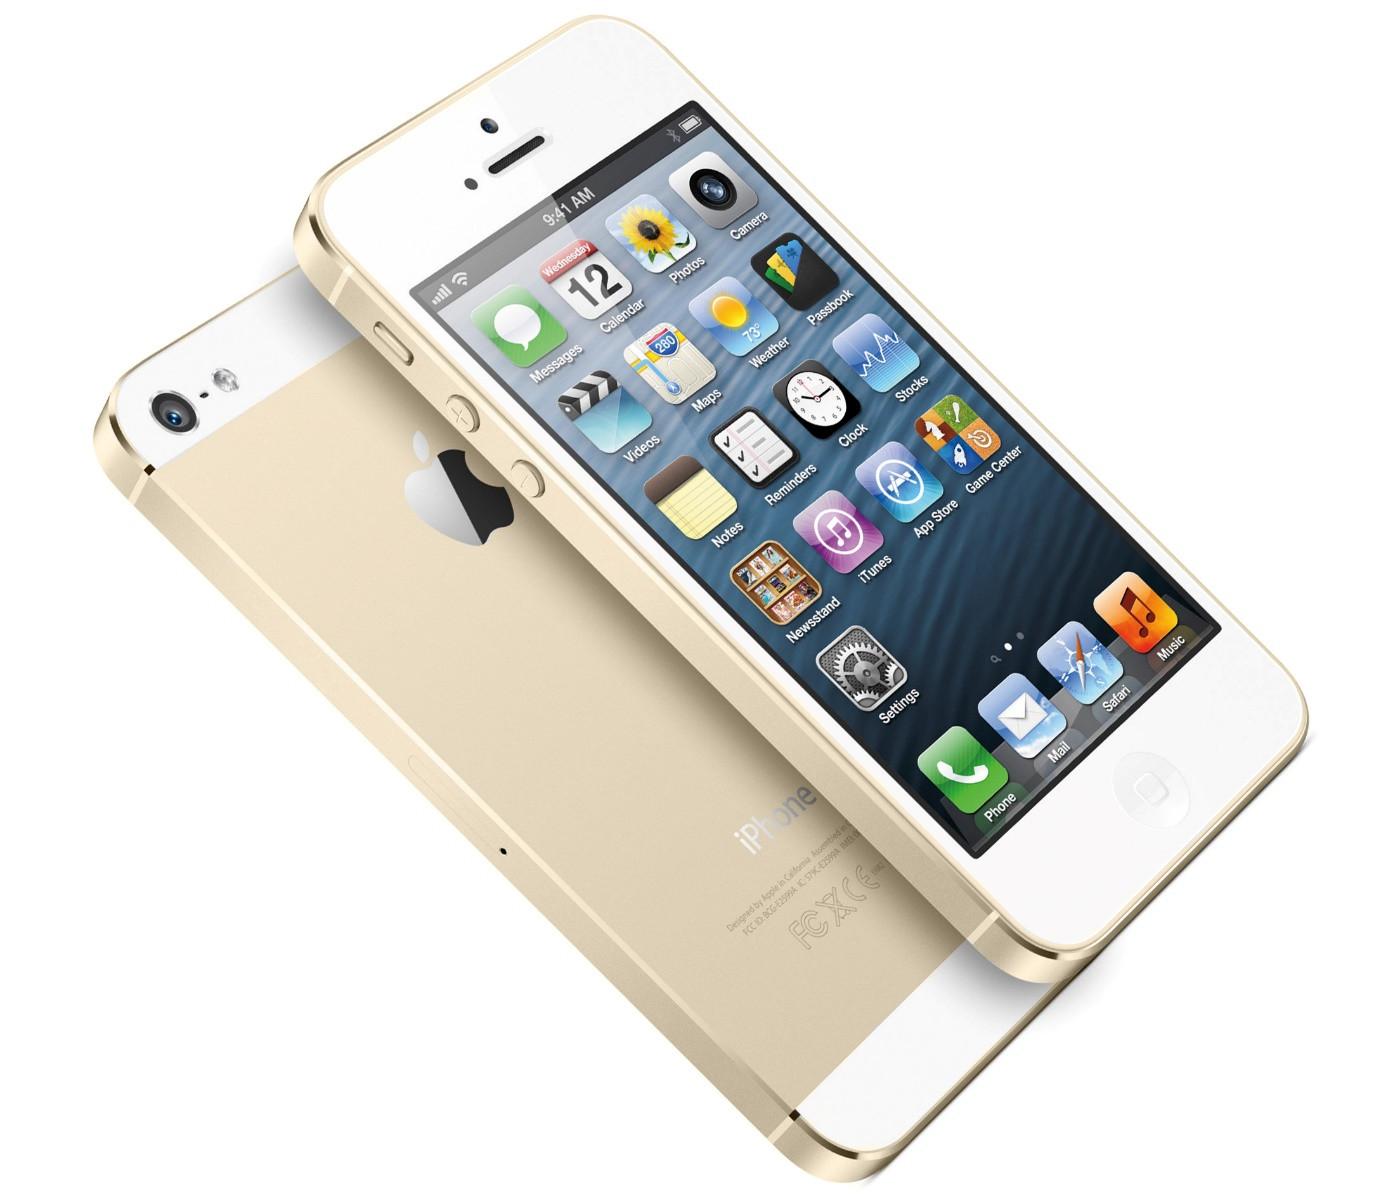 Cách nhận biết iPhone 5s bản quốc tế